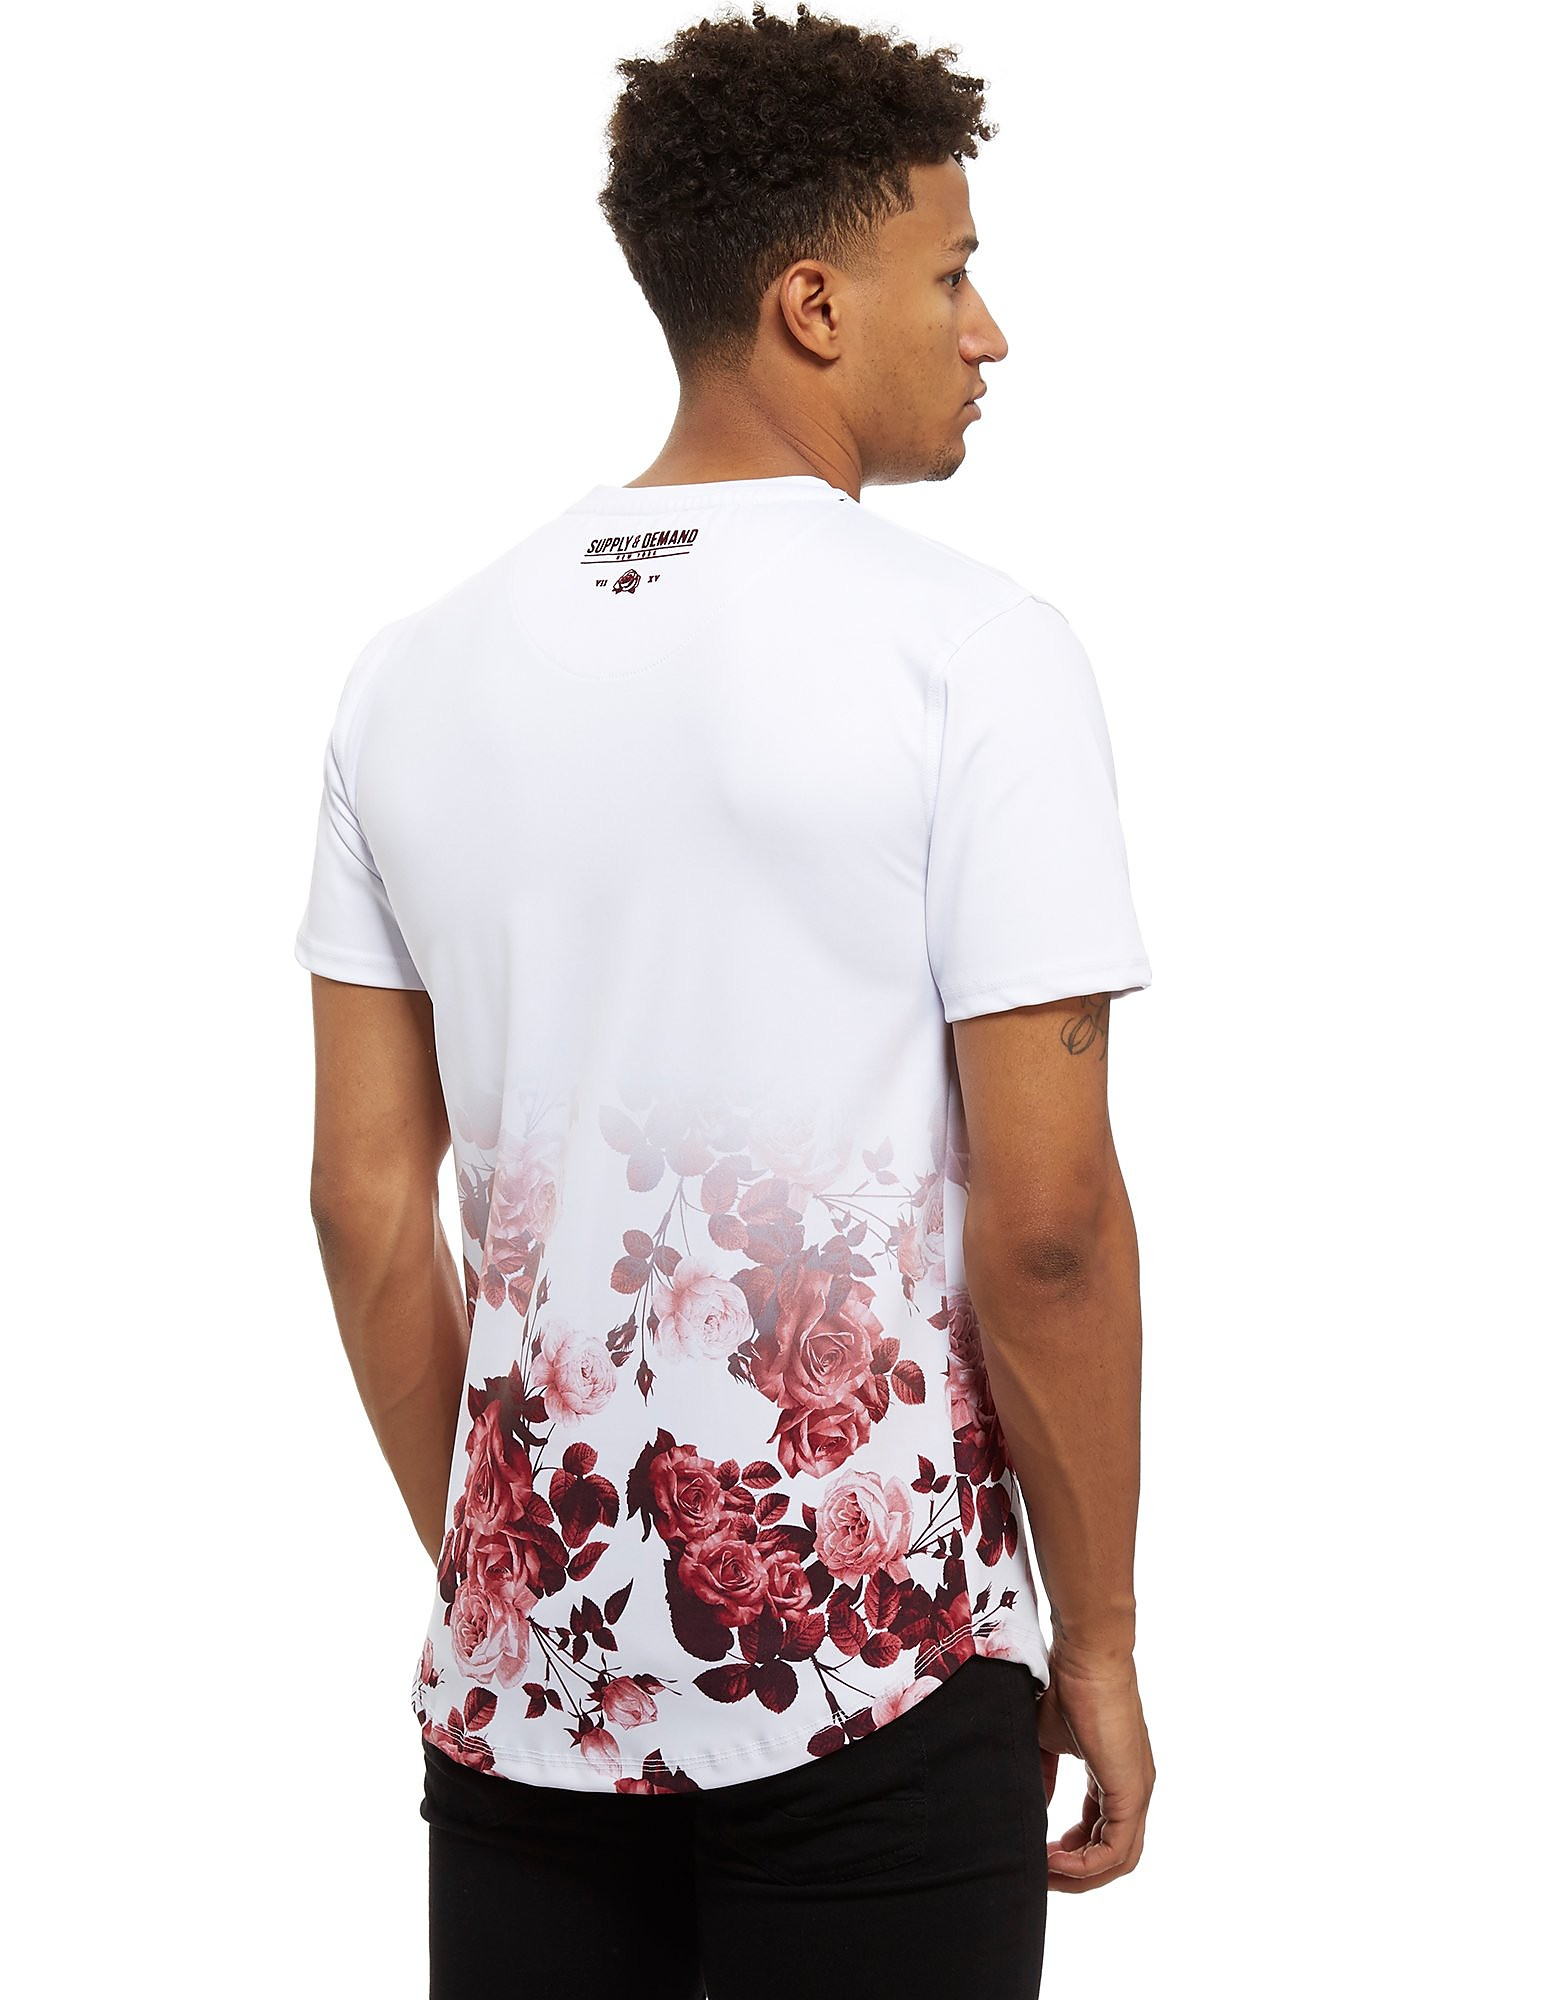 Supply & Demand Schnee Gothisches T-Shirt